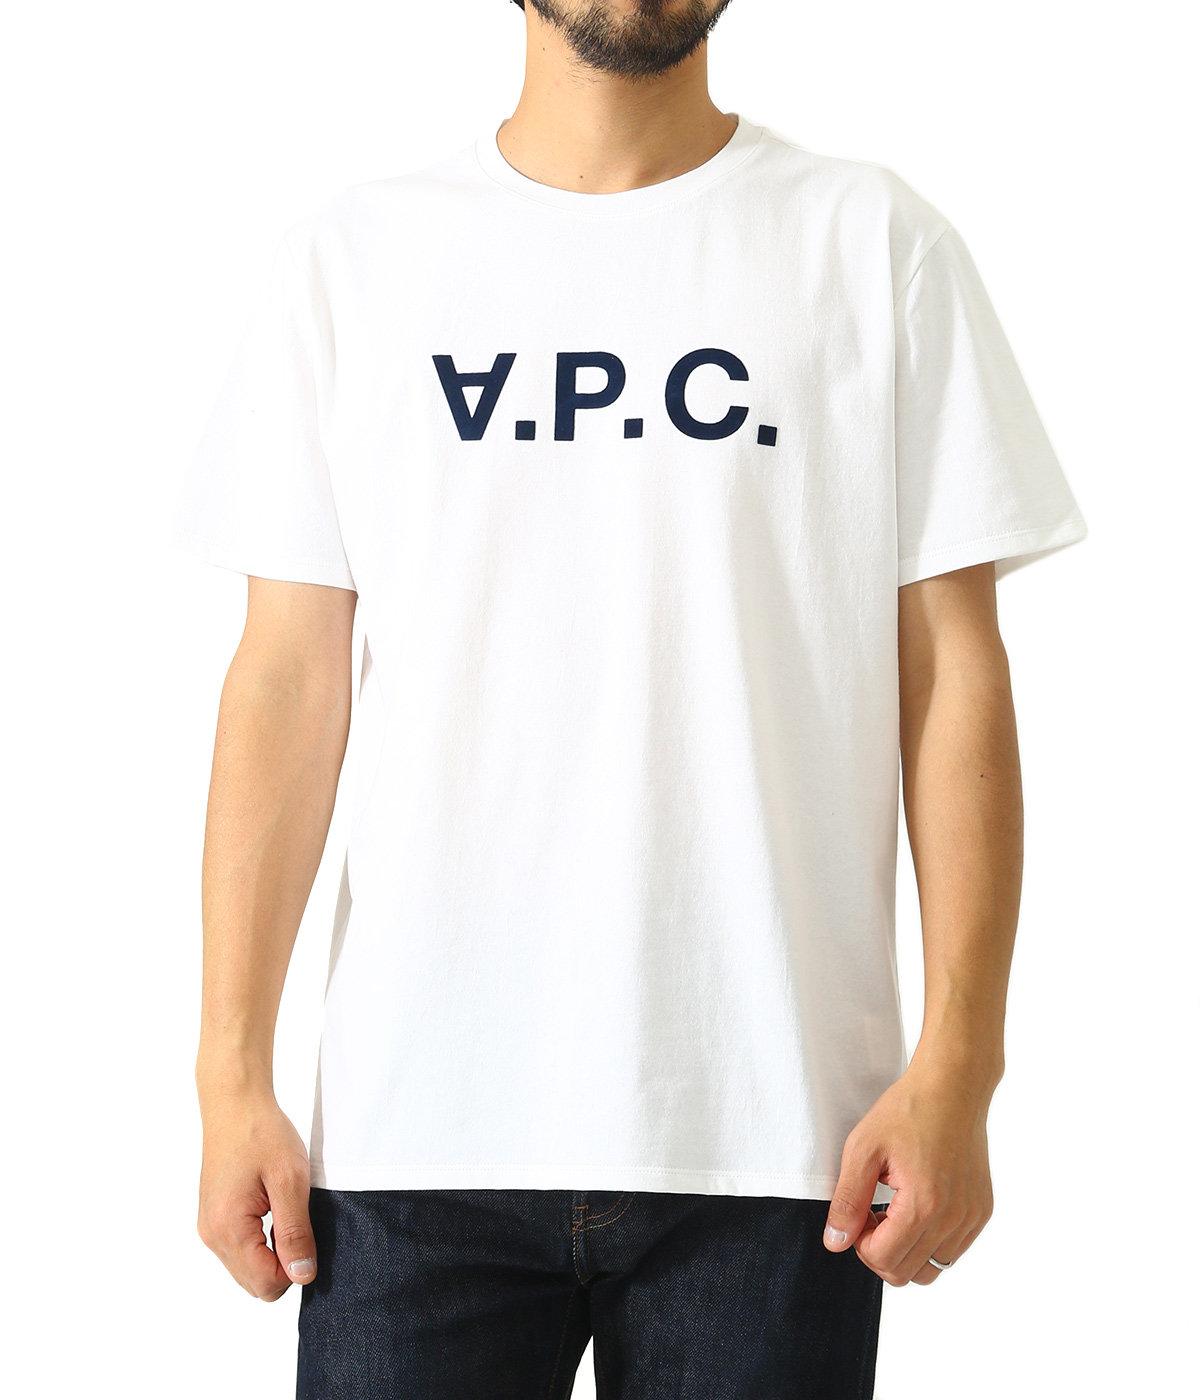 S/S VPC-T(HOMME)